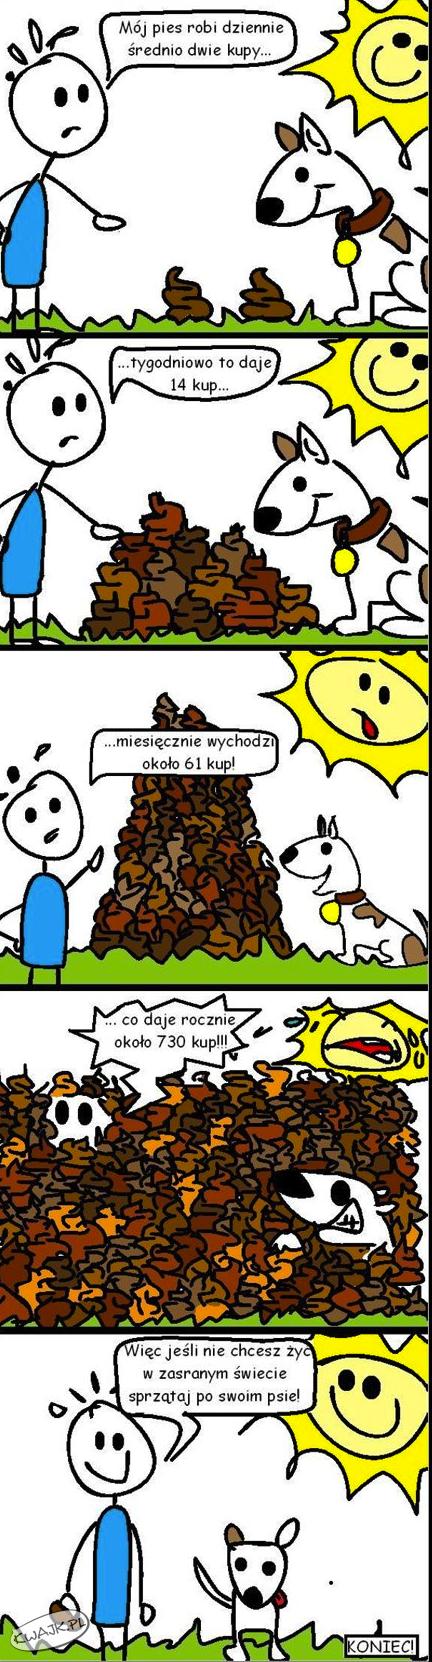 Twój pies Twoja kupa